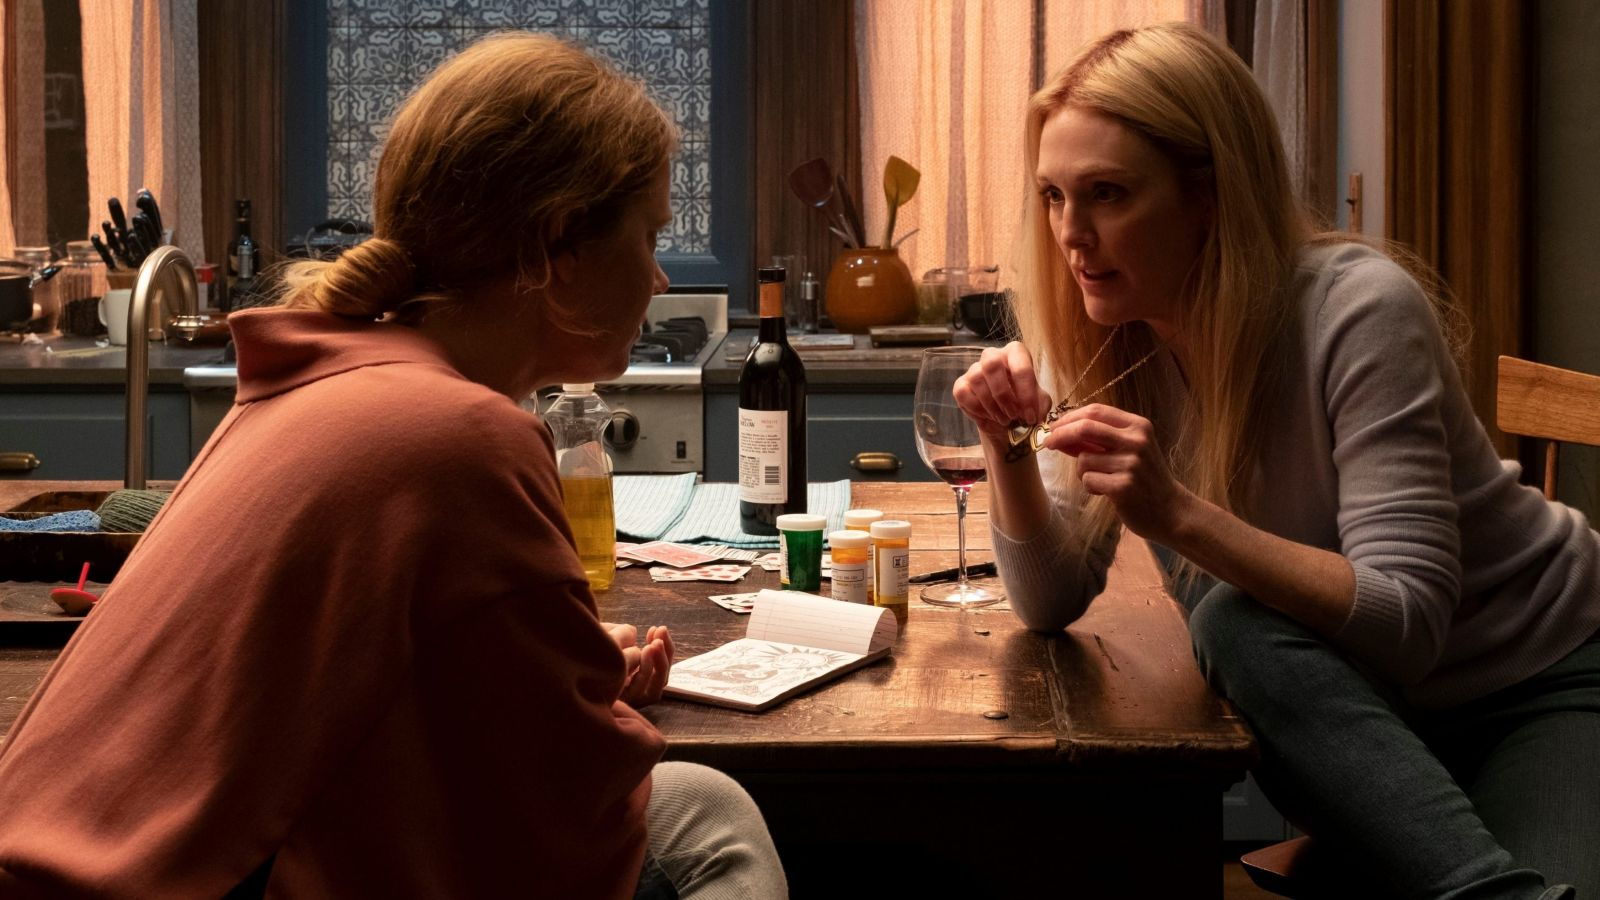 Джулианна Мур в роли Джейн Рассел на кадре из фильма «Женщина в окне»